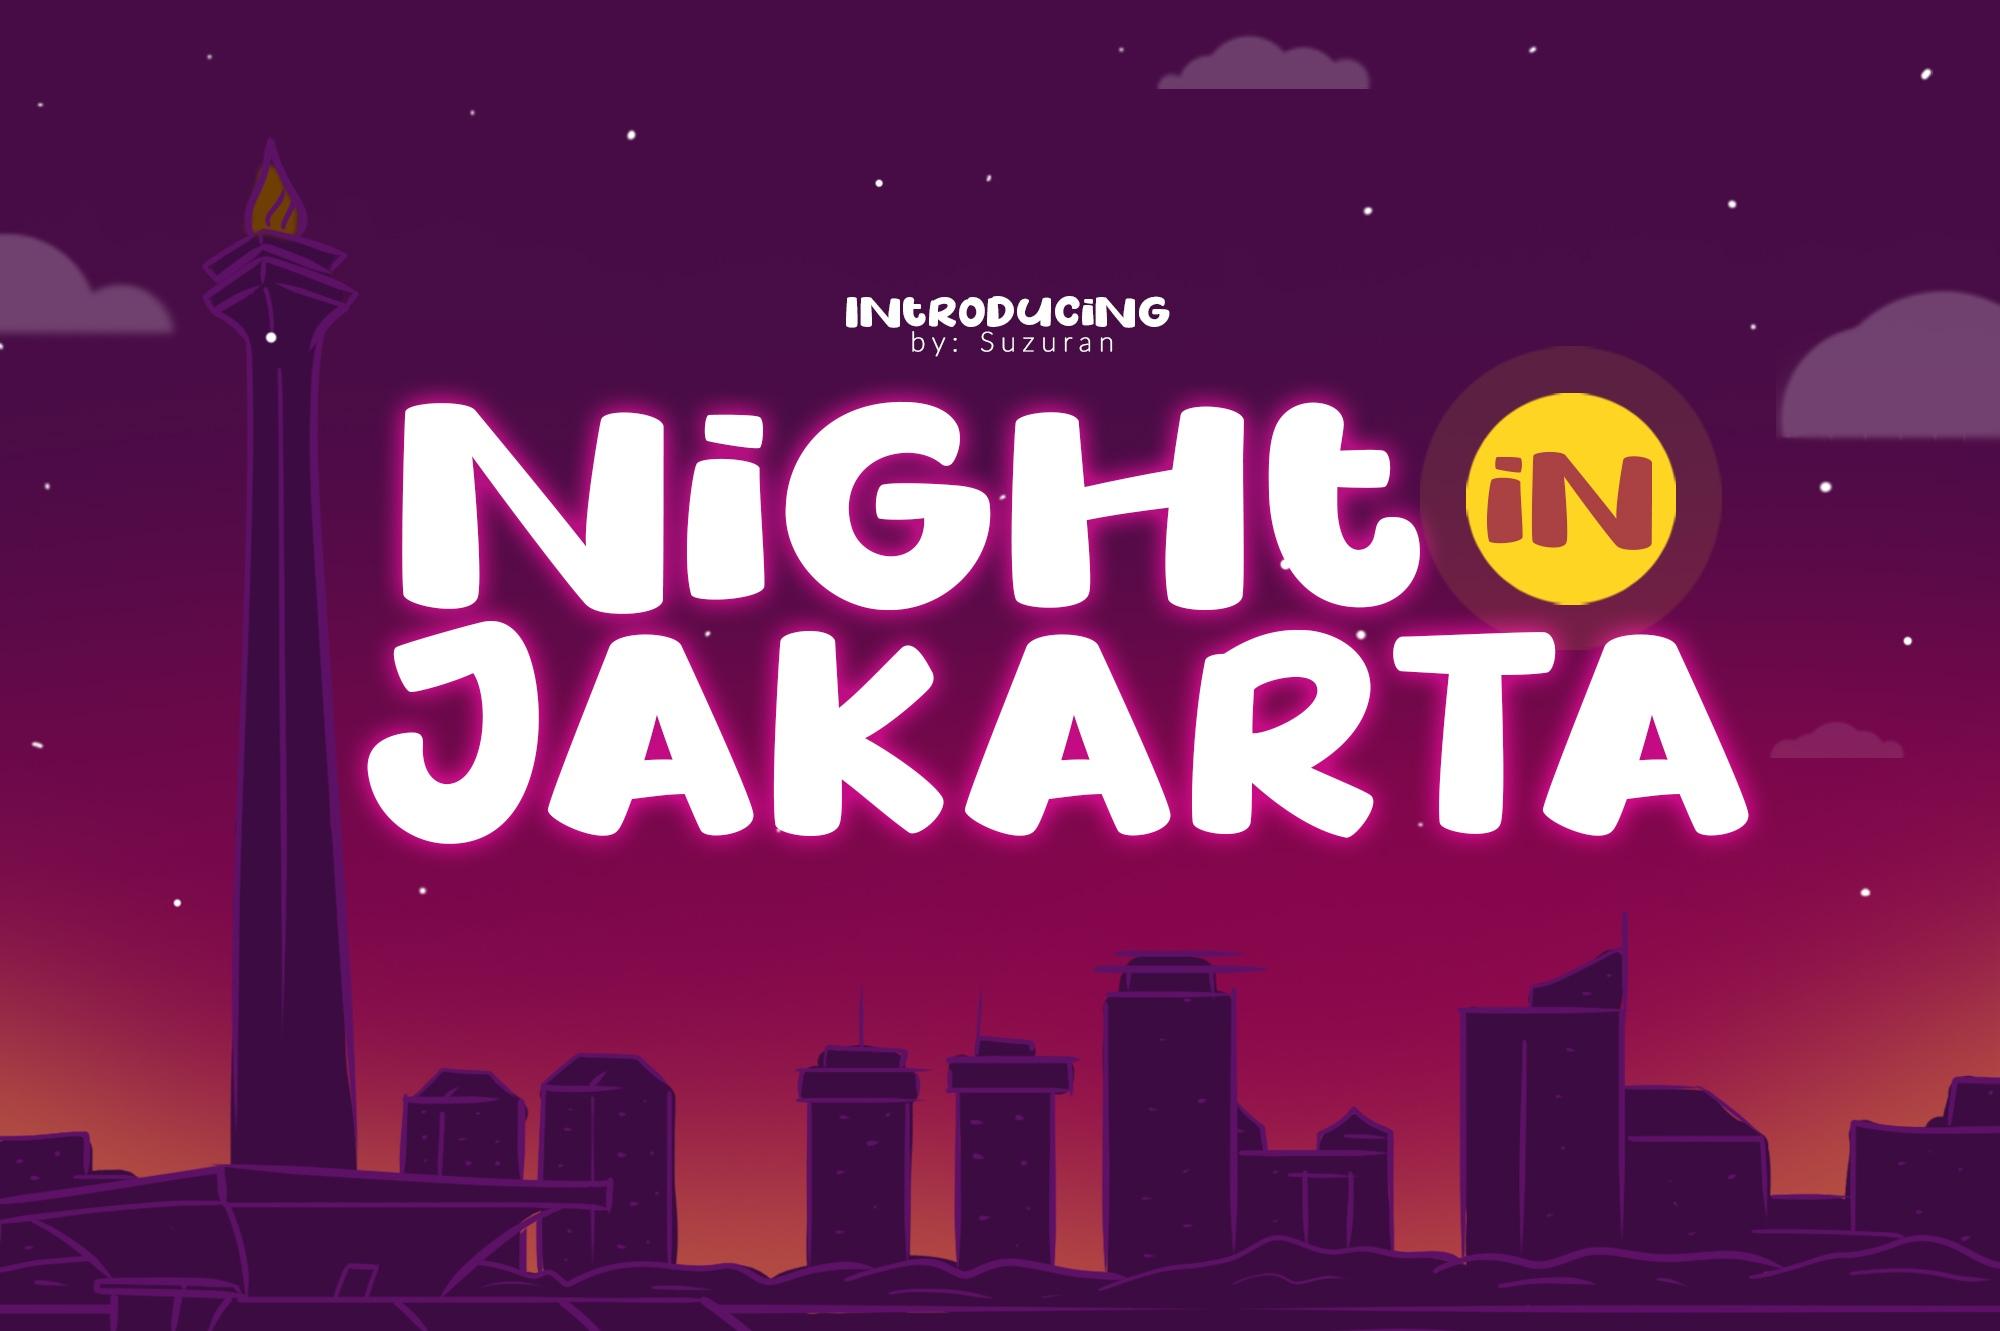 NightInJakarta可爱手写俏皮卡通海报英文字体下载